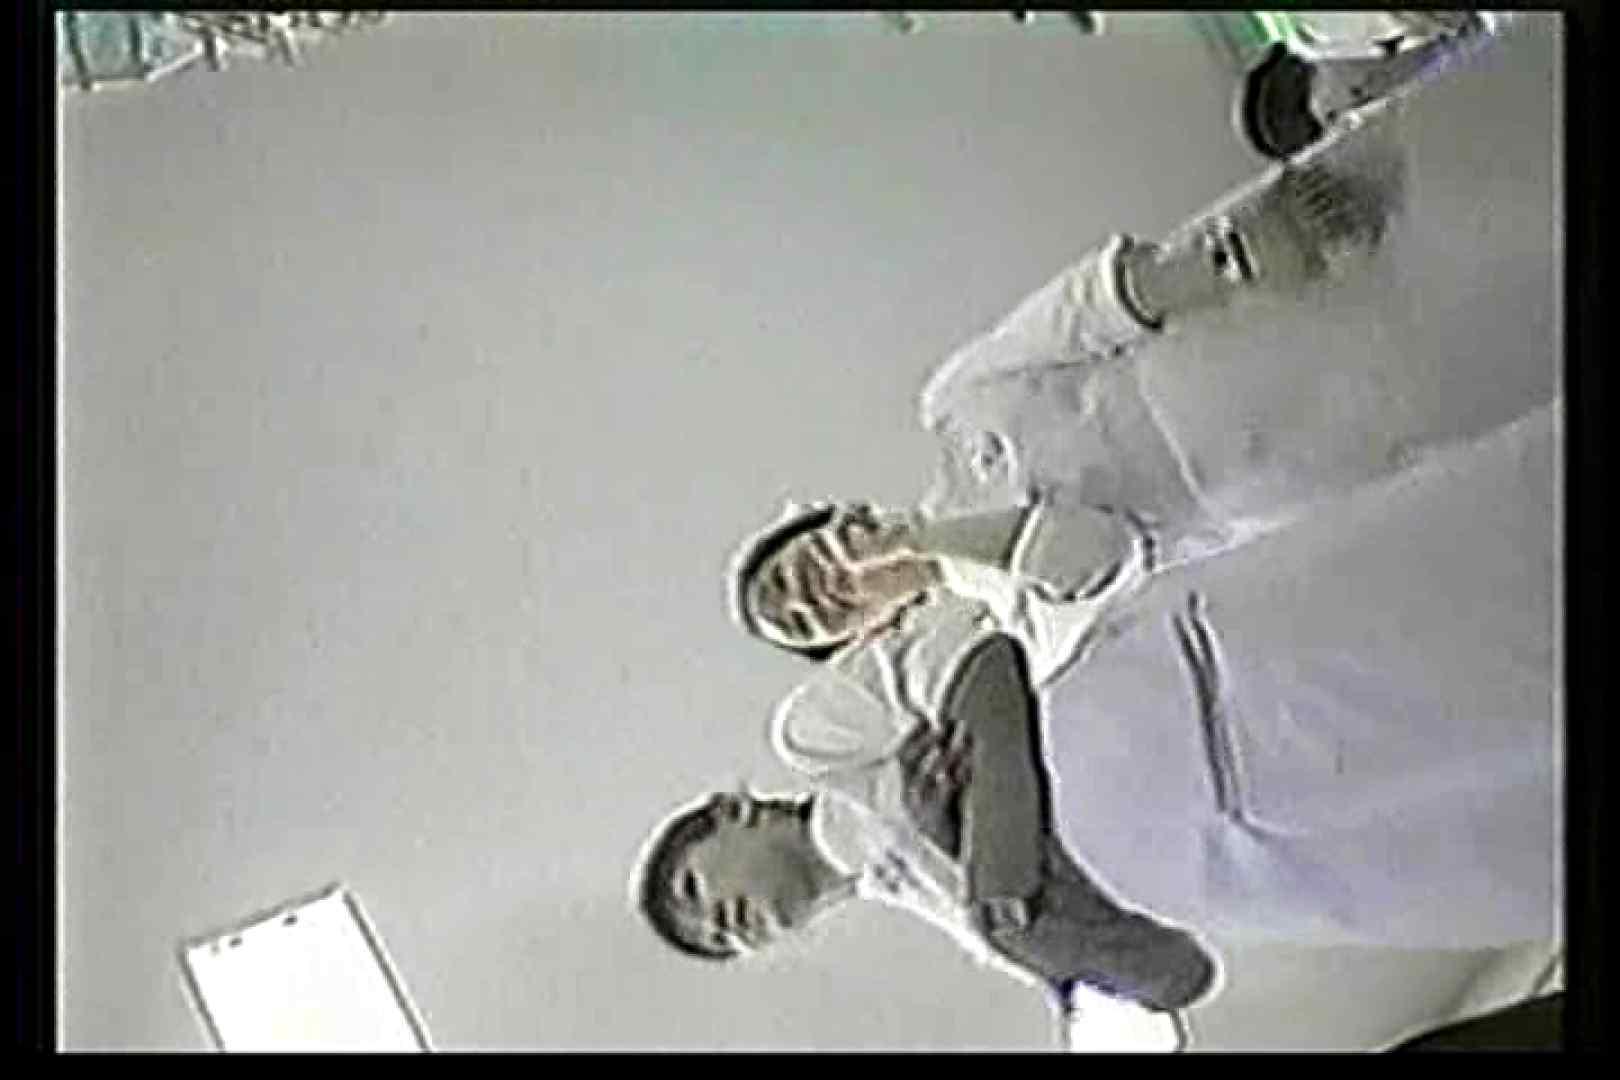 院内密着!看護婦達の下半身事情Vol.2 制服ギャル  93pic 66